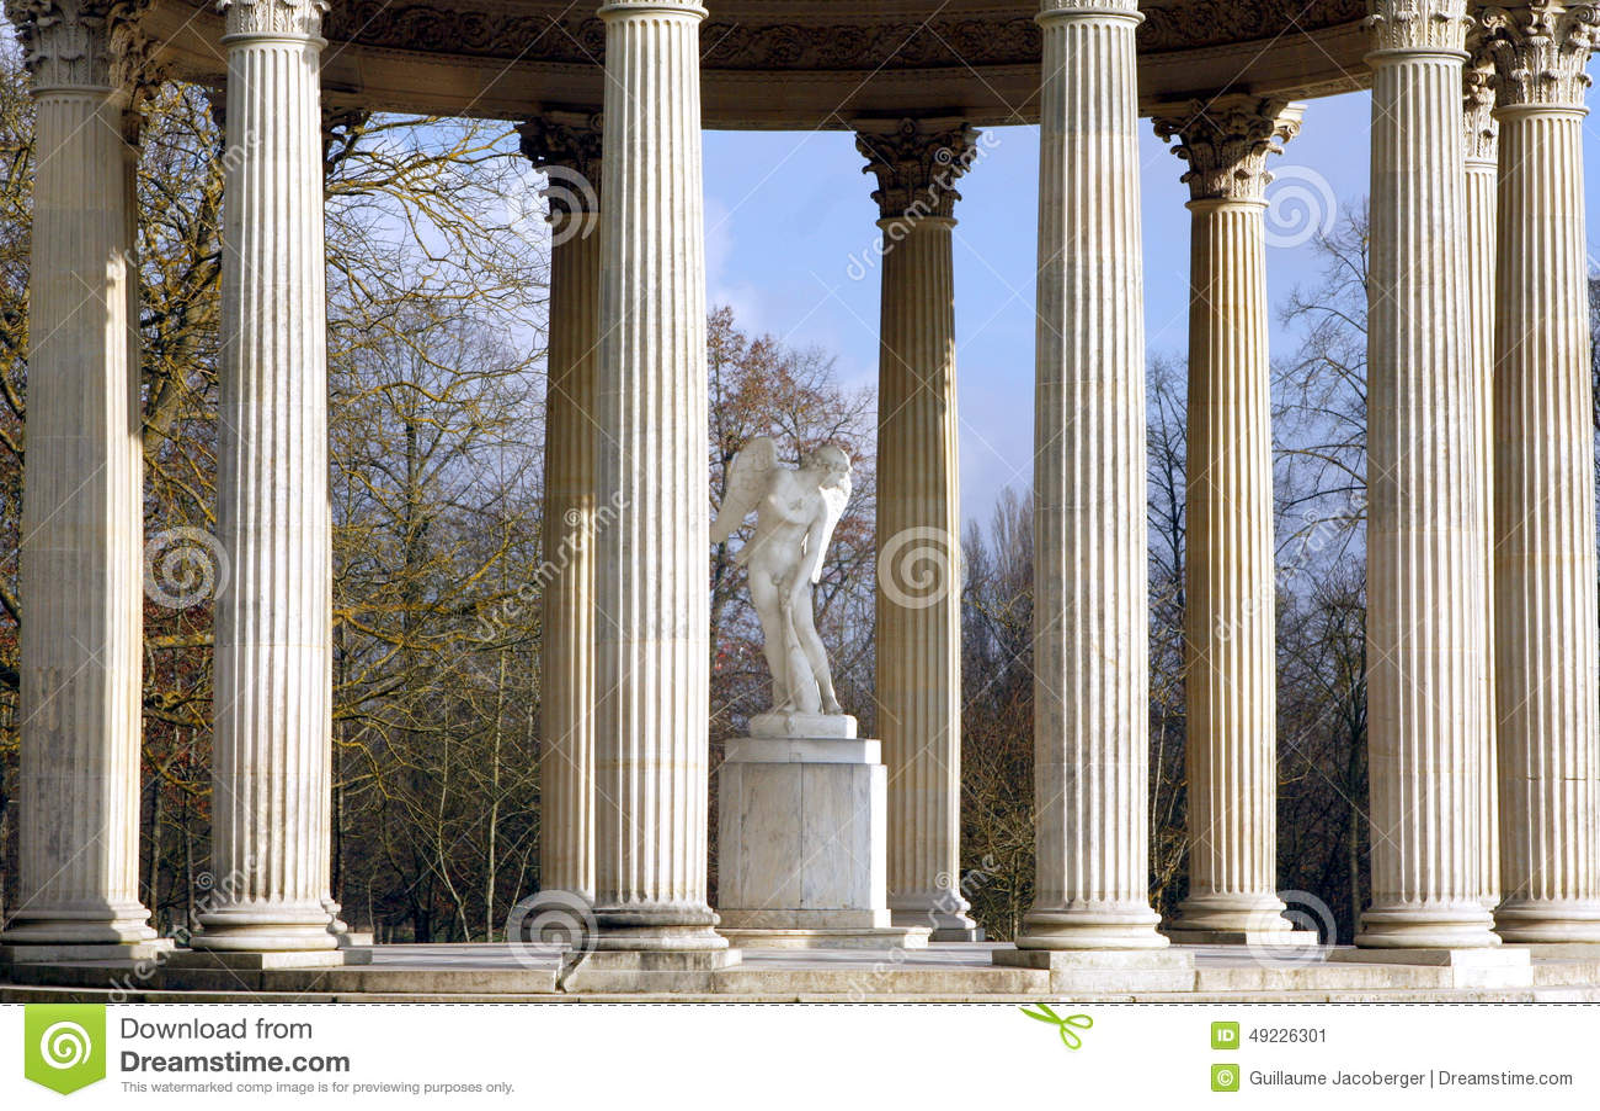 De Tempel van Liefde - Versailles